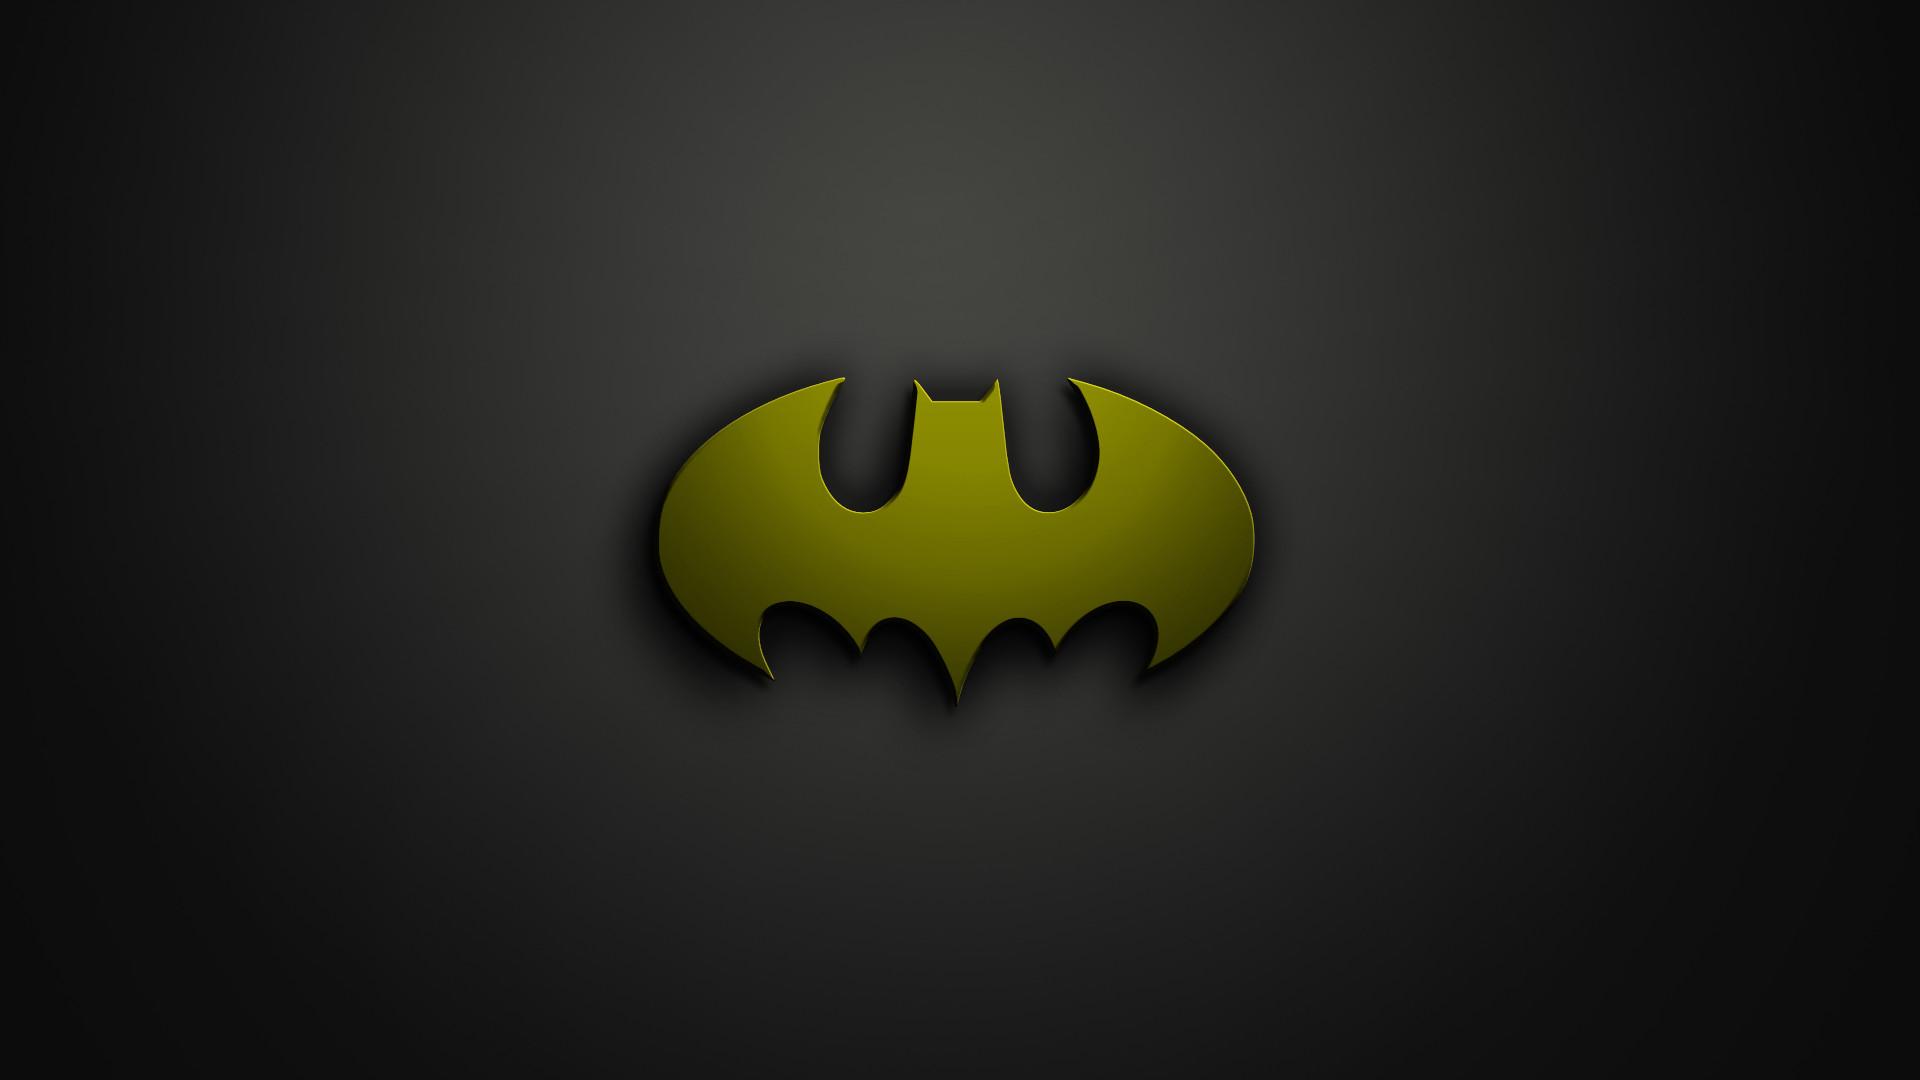 Batman Symbol Phone Wallpaper Batman logo wallpaper